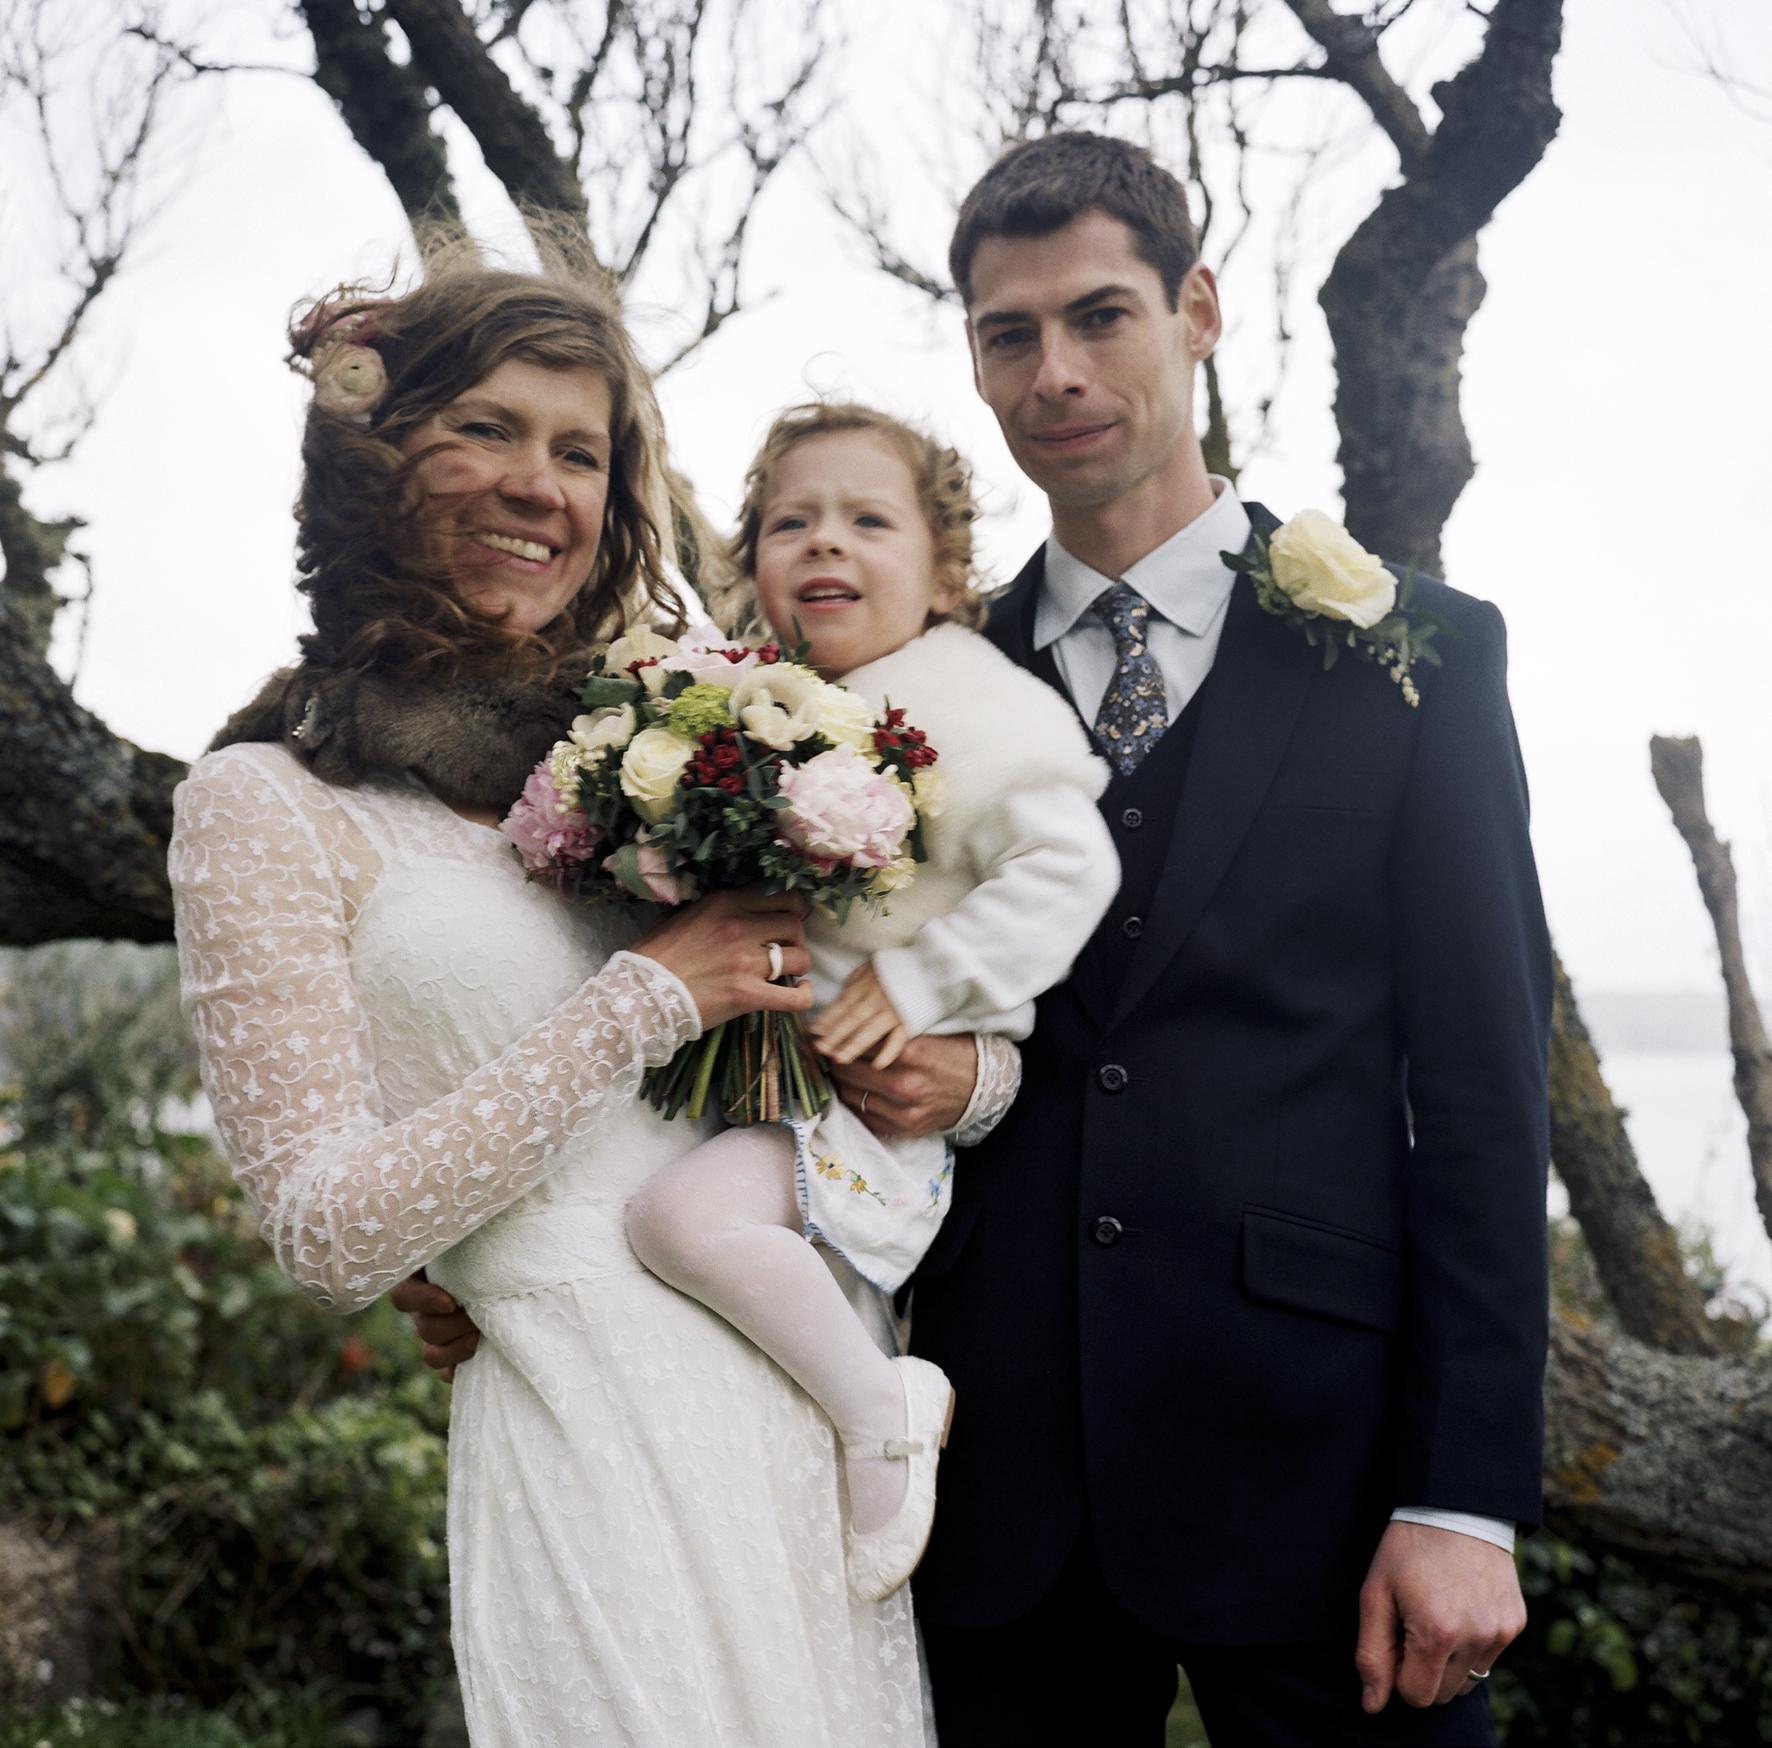 Wedding example_M&P_92550012-2_Claudia Leisinger.jpg